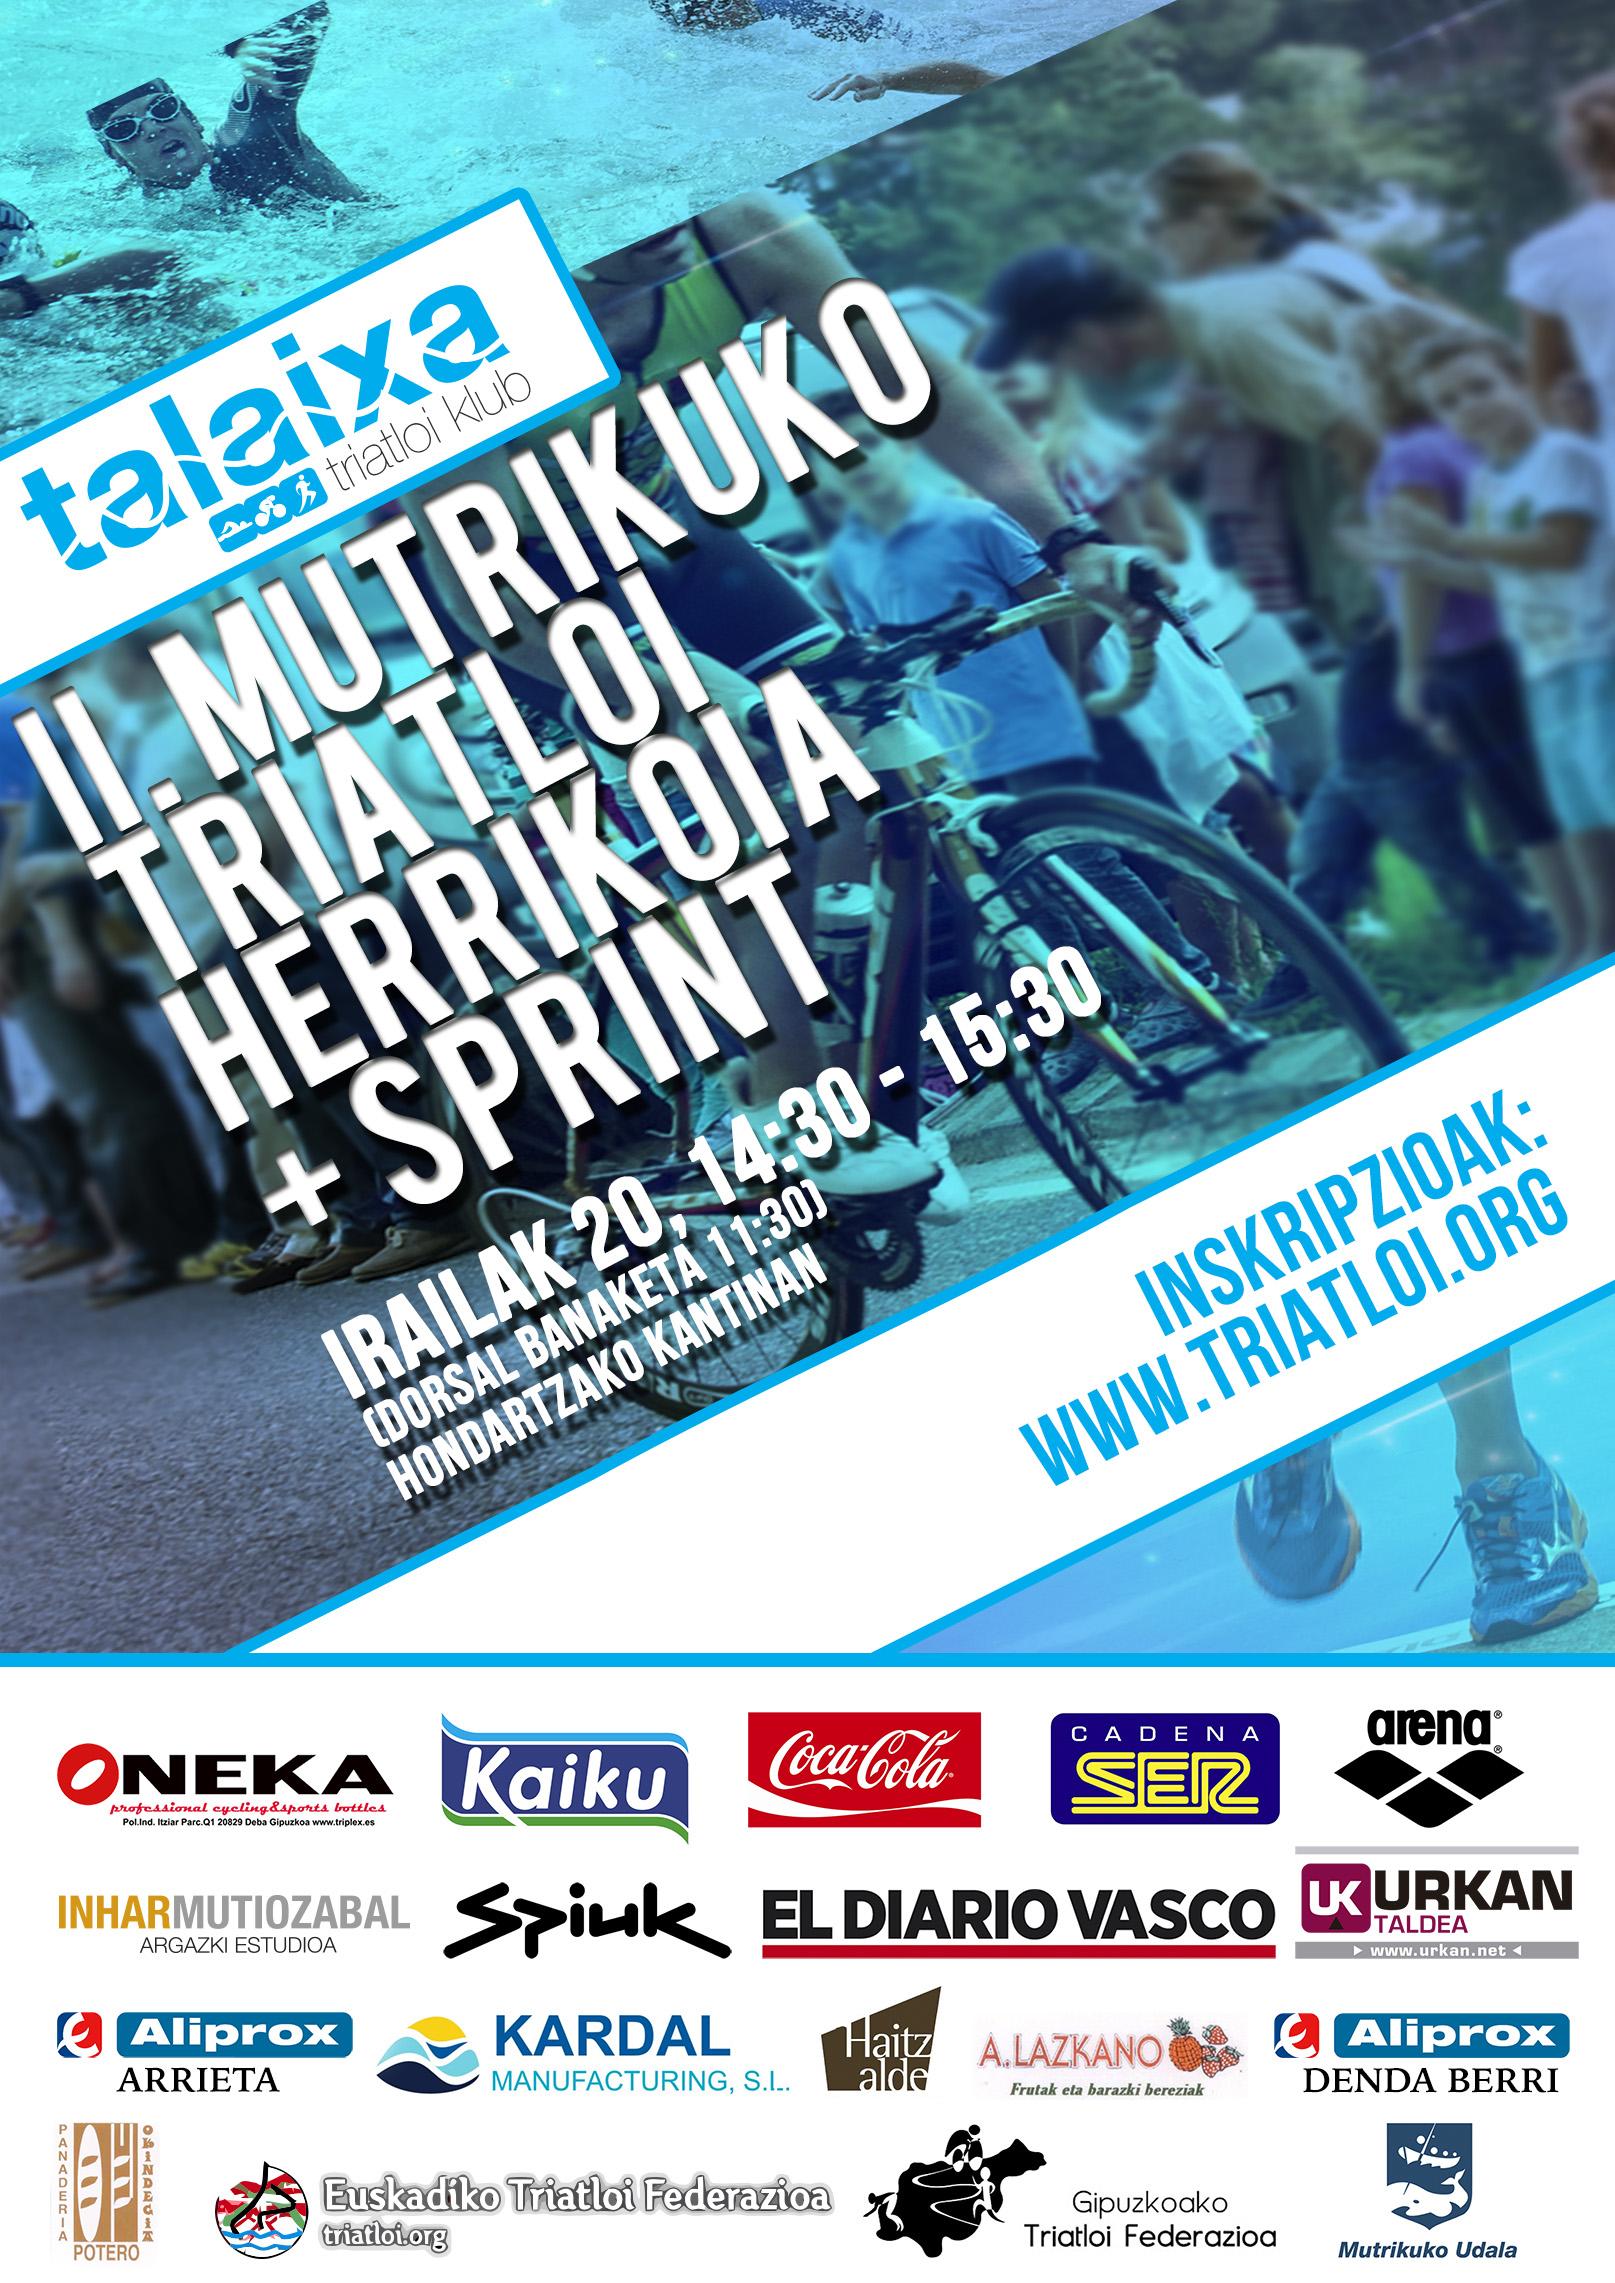 triatloia 2014